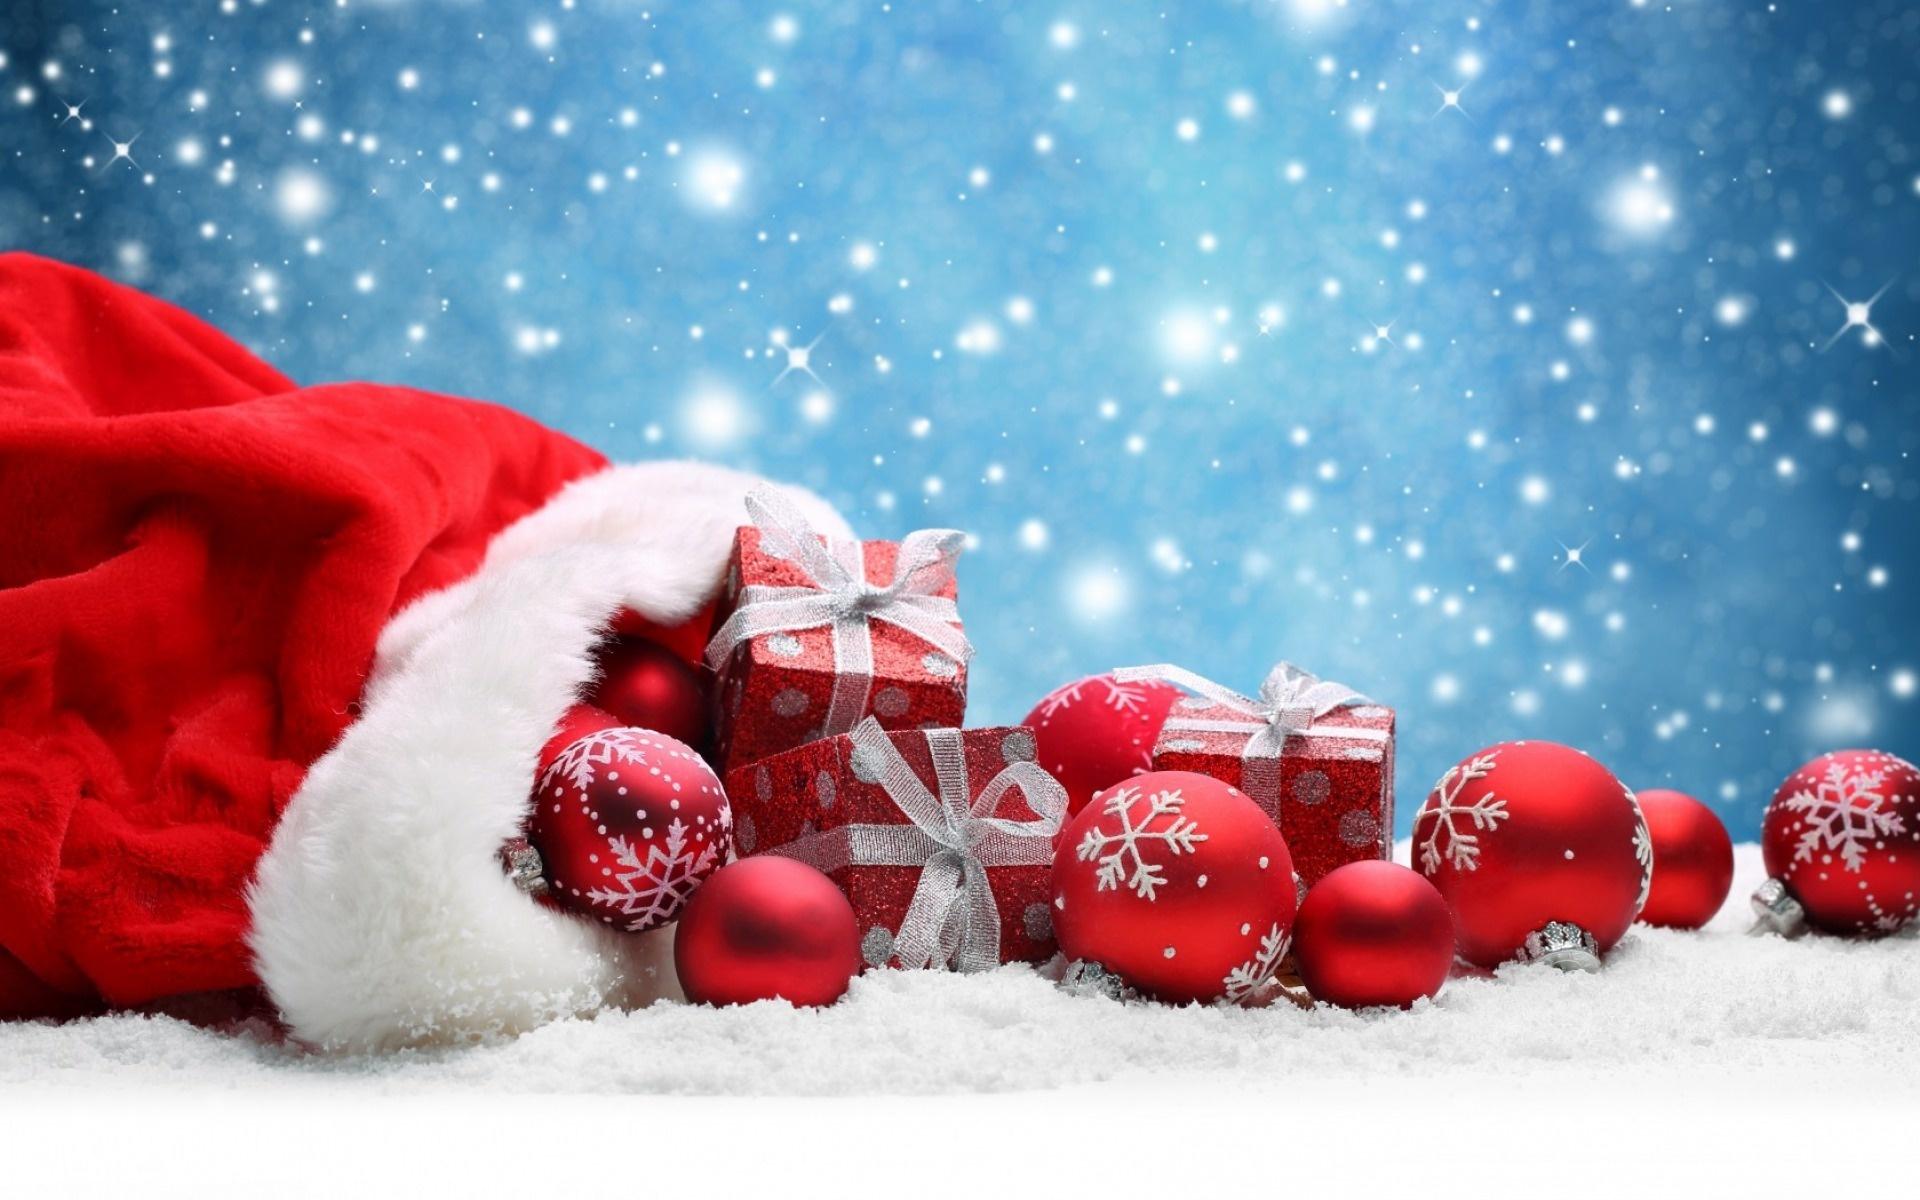 картинки зима на рабочий стол хорошее качество новый год любят вкусные плоды